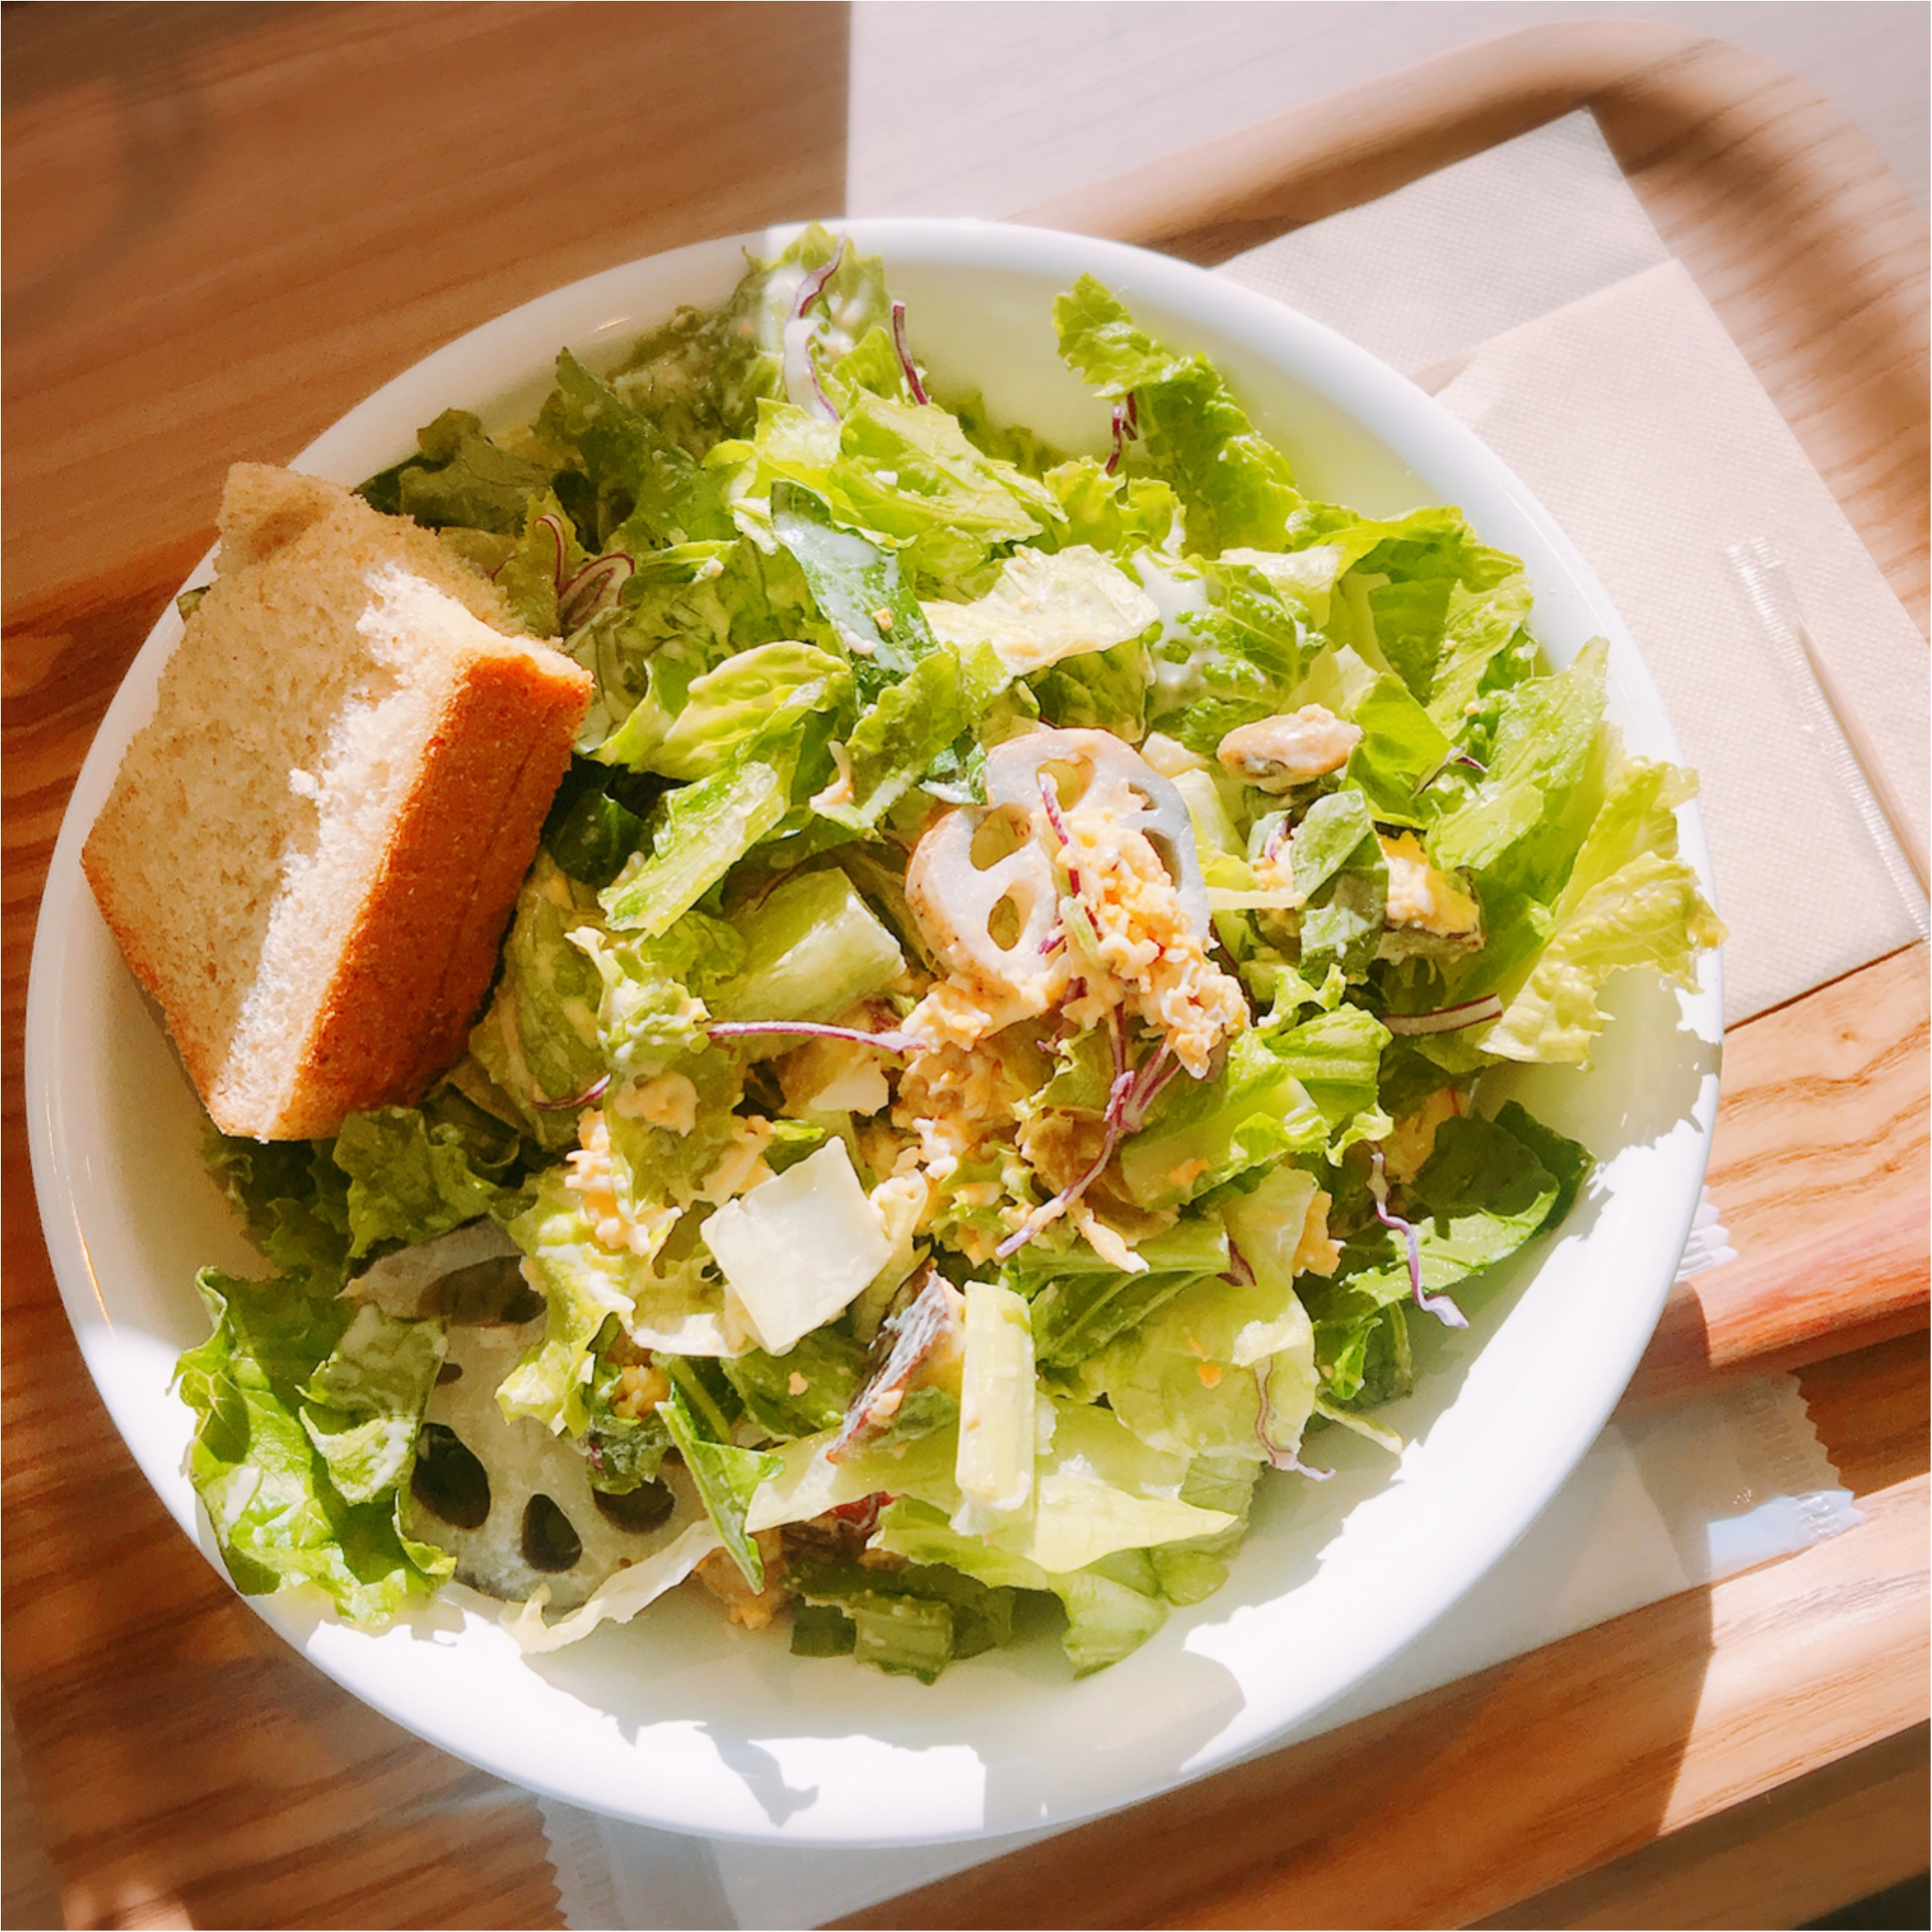 食物繊維たっぷり♡【With Green】の秋限定サラダボウルでヘルシーランチ!_4